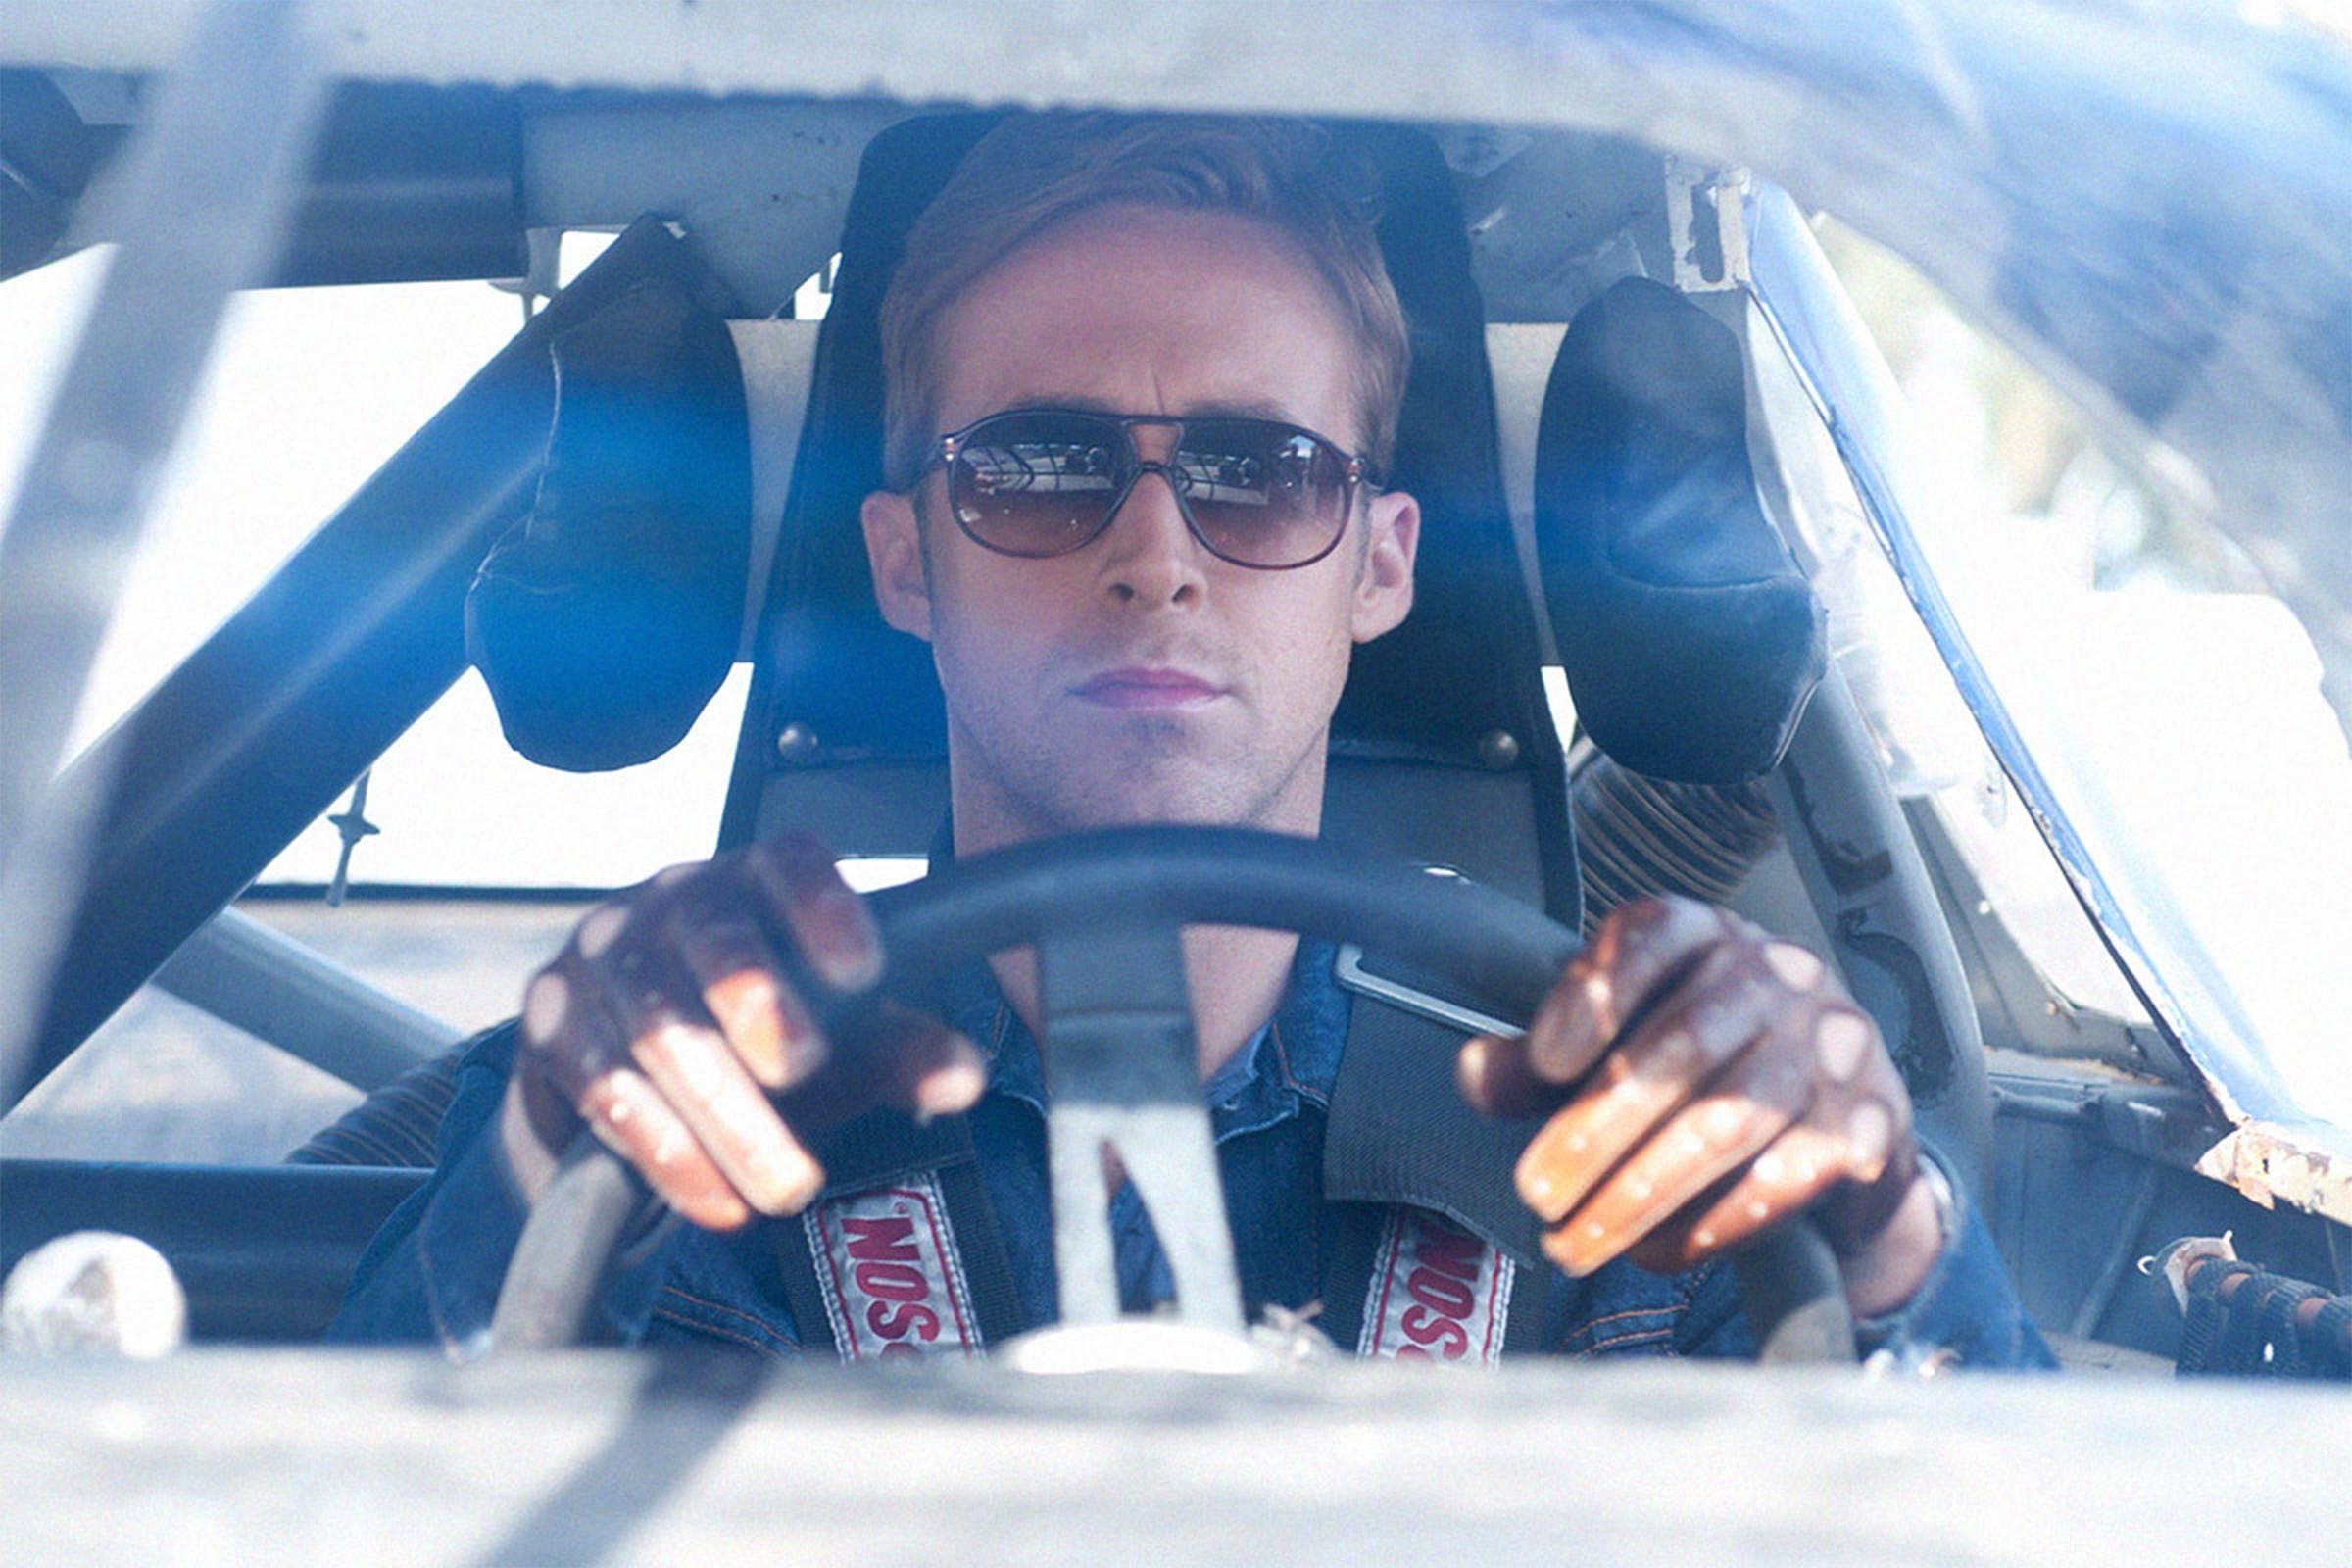 Винтажные солнцезащитные очки-авиаторы в черепаховой оправе, кожаные водительские перчатки Gaspar драйв 2011